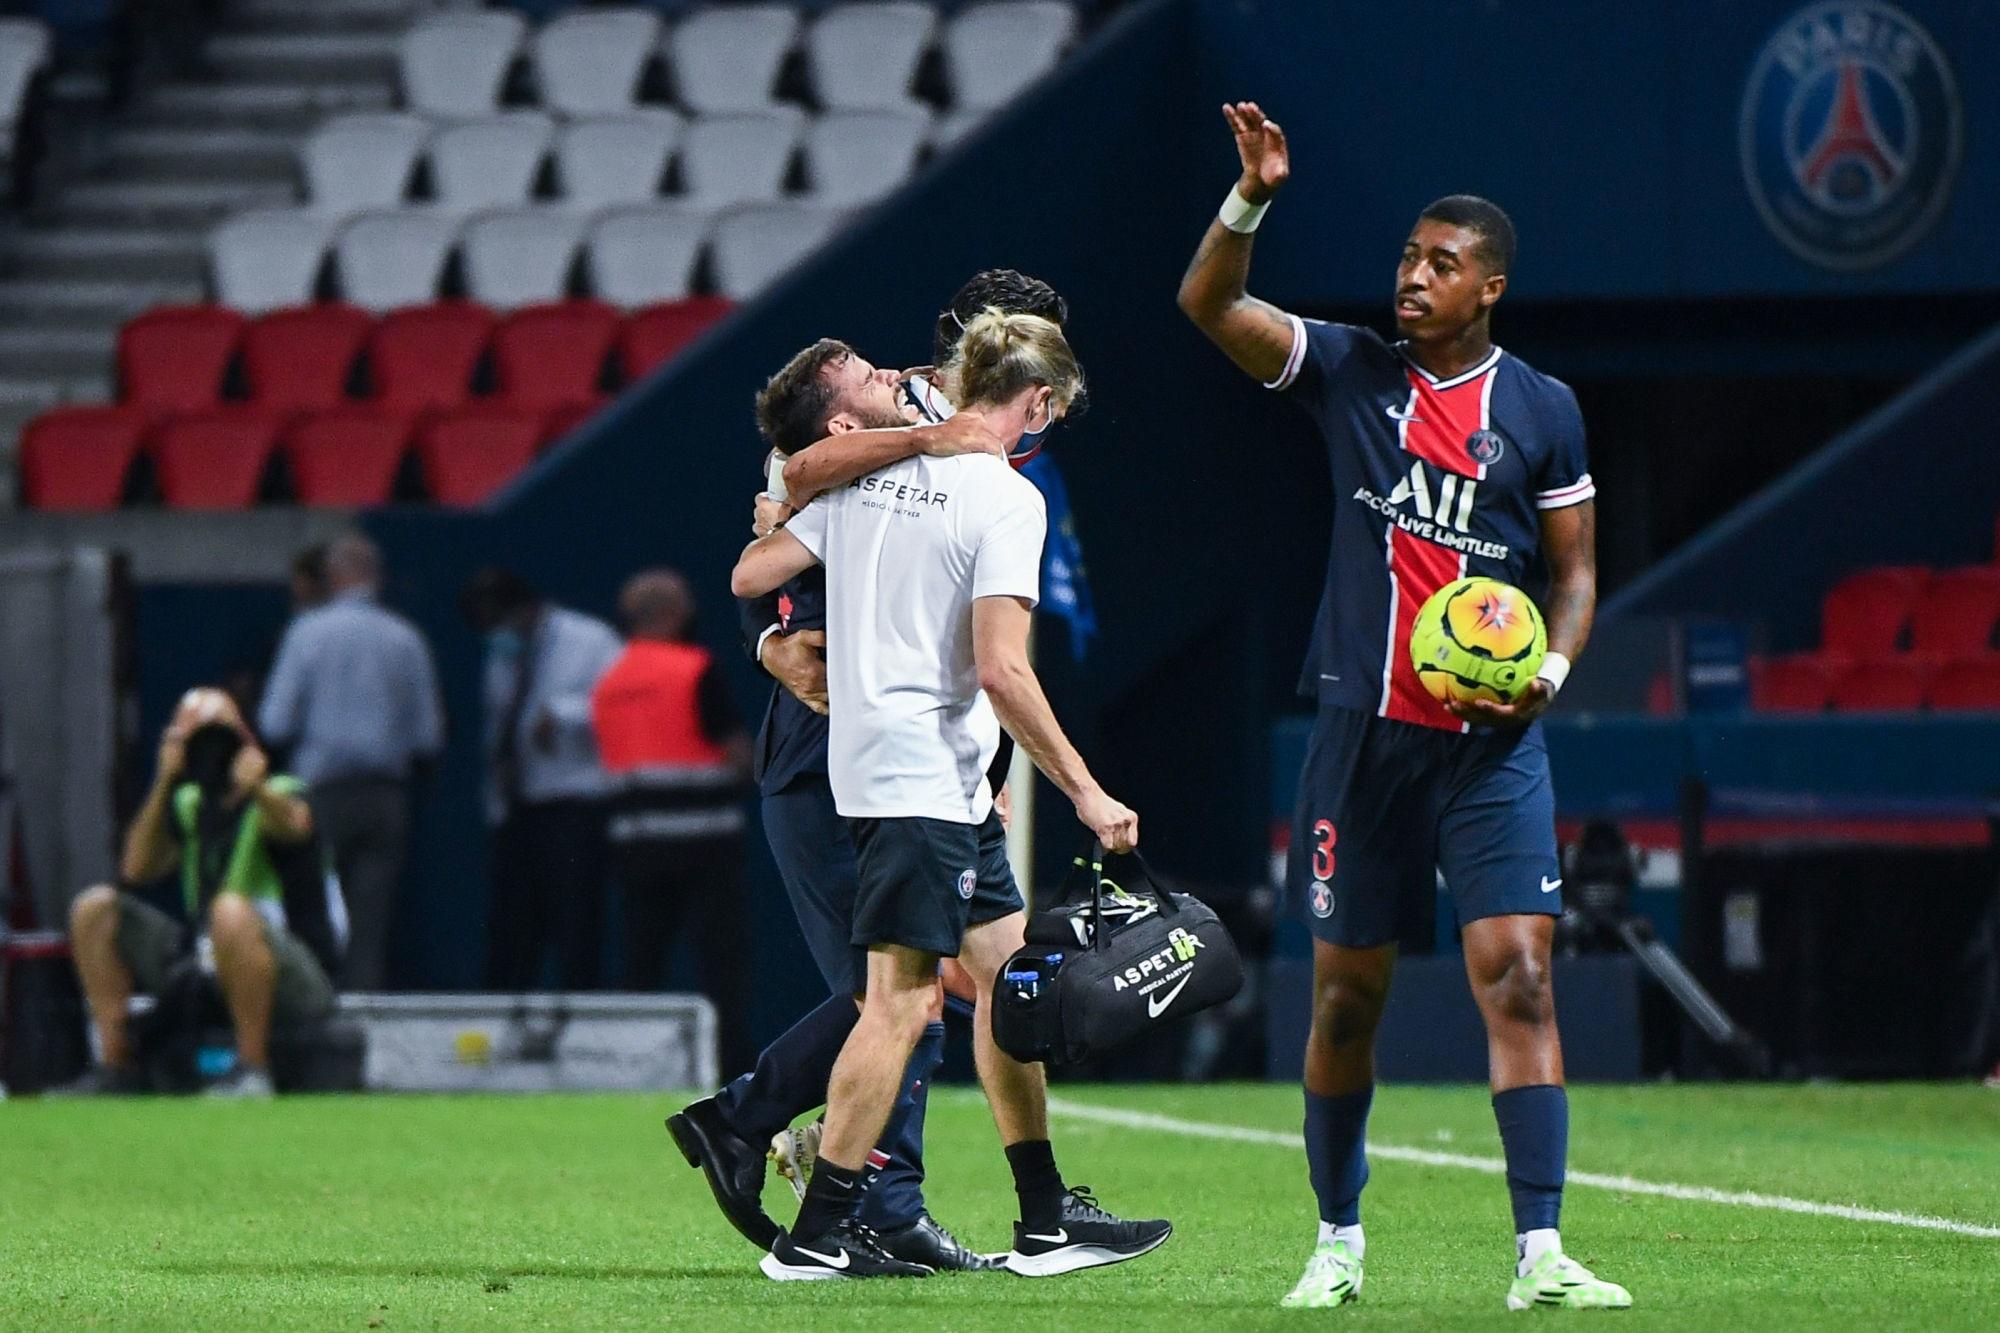 """Bernat souffre """"a minima d'une entorse du genou gauche"""", indique L'Equipe"""